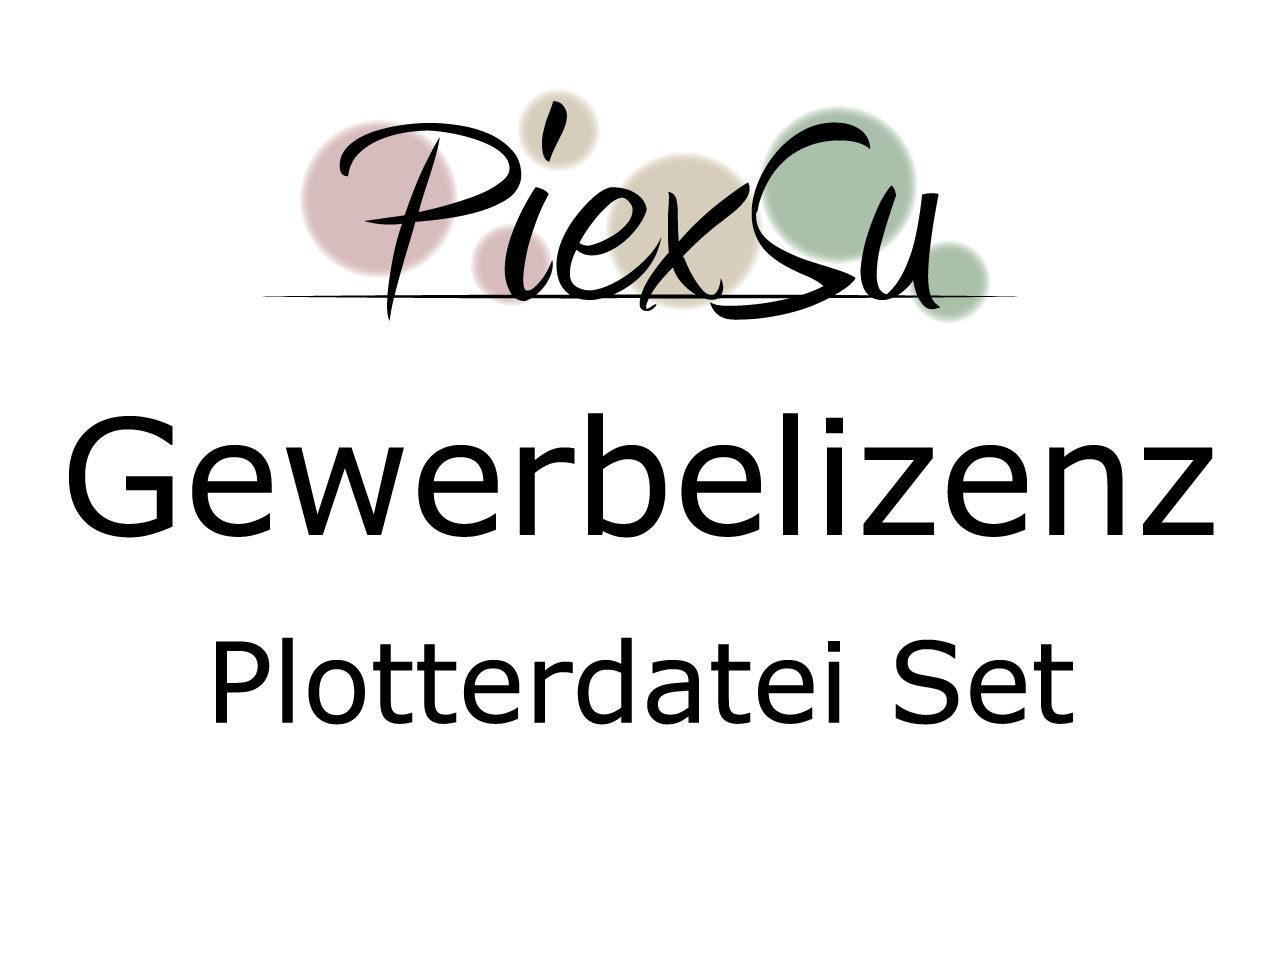 Titelbild-Gewerbelizenzen-PiexSu-Plotterdatei-Set